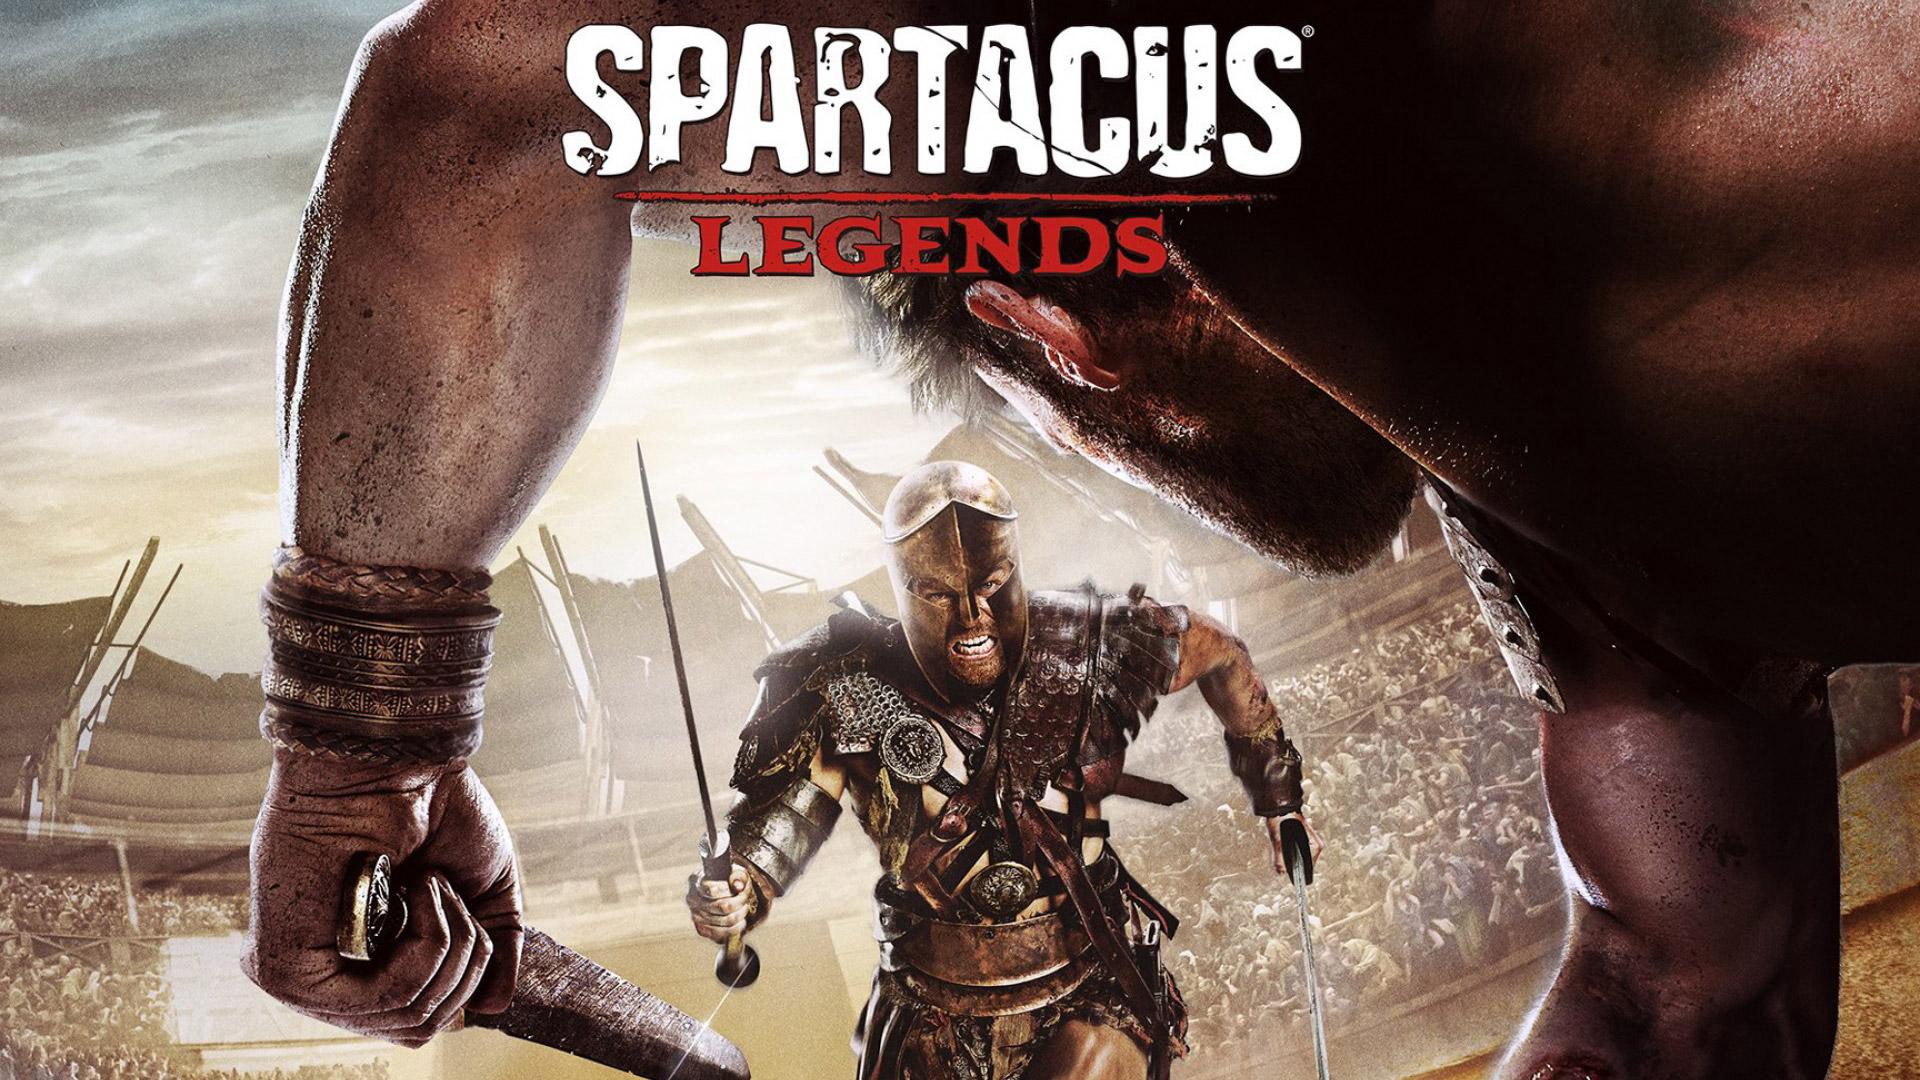 Spartacus Legends Wallpaper in 1920x1080